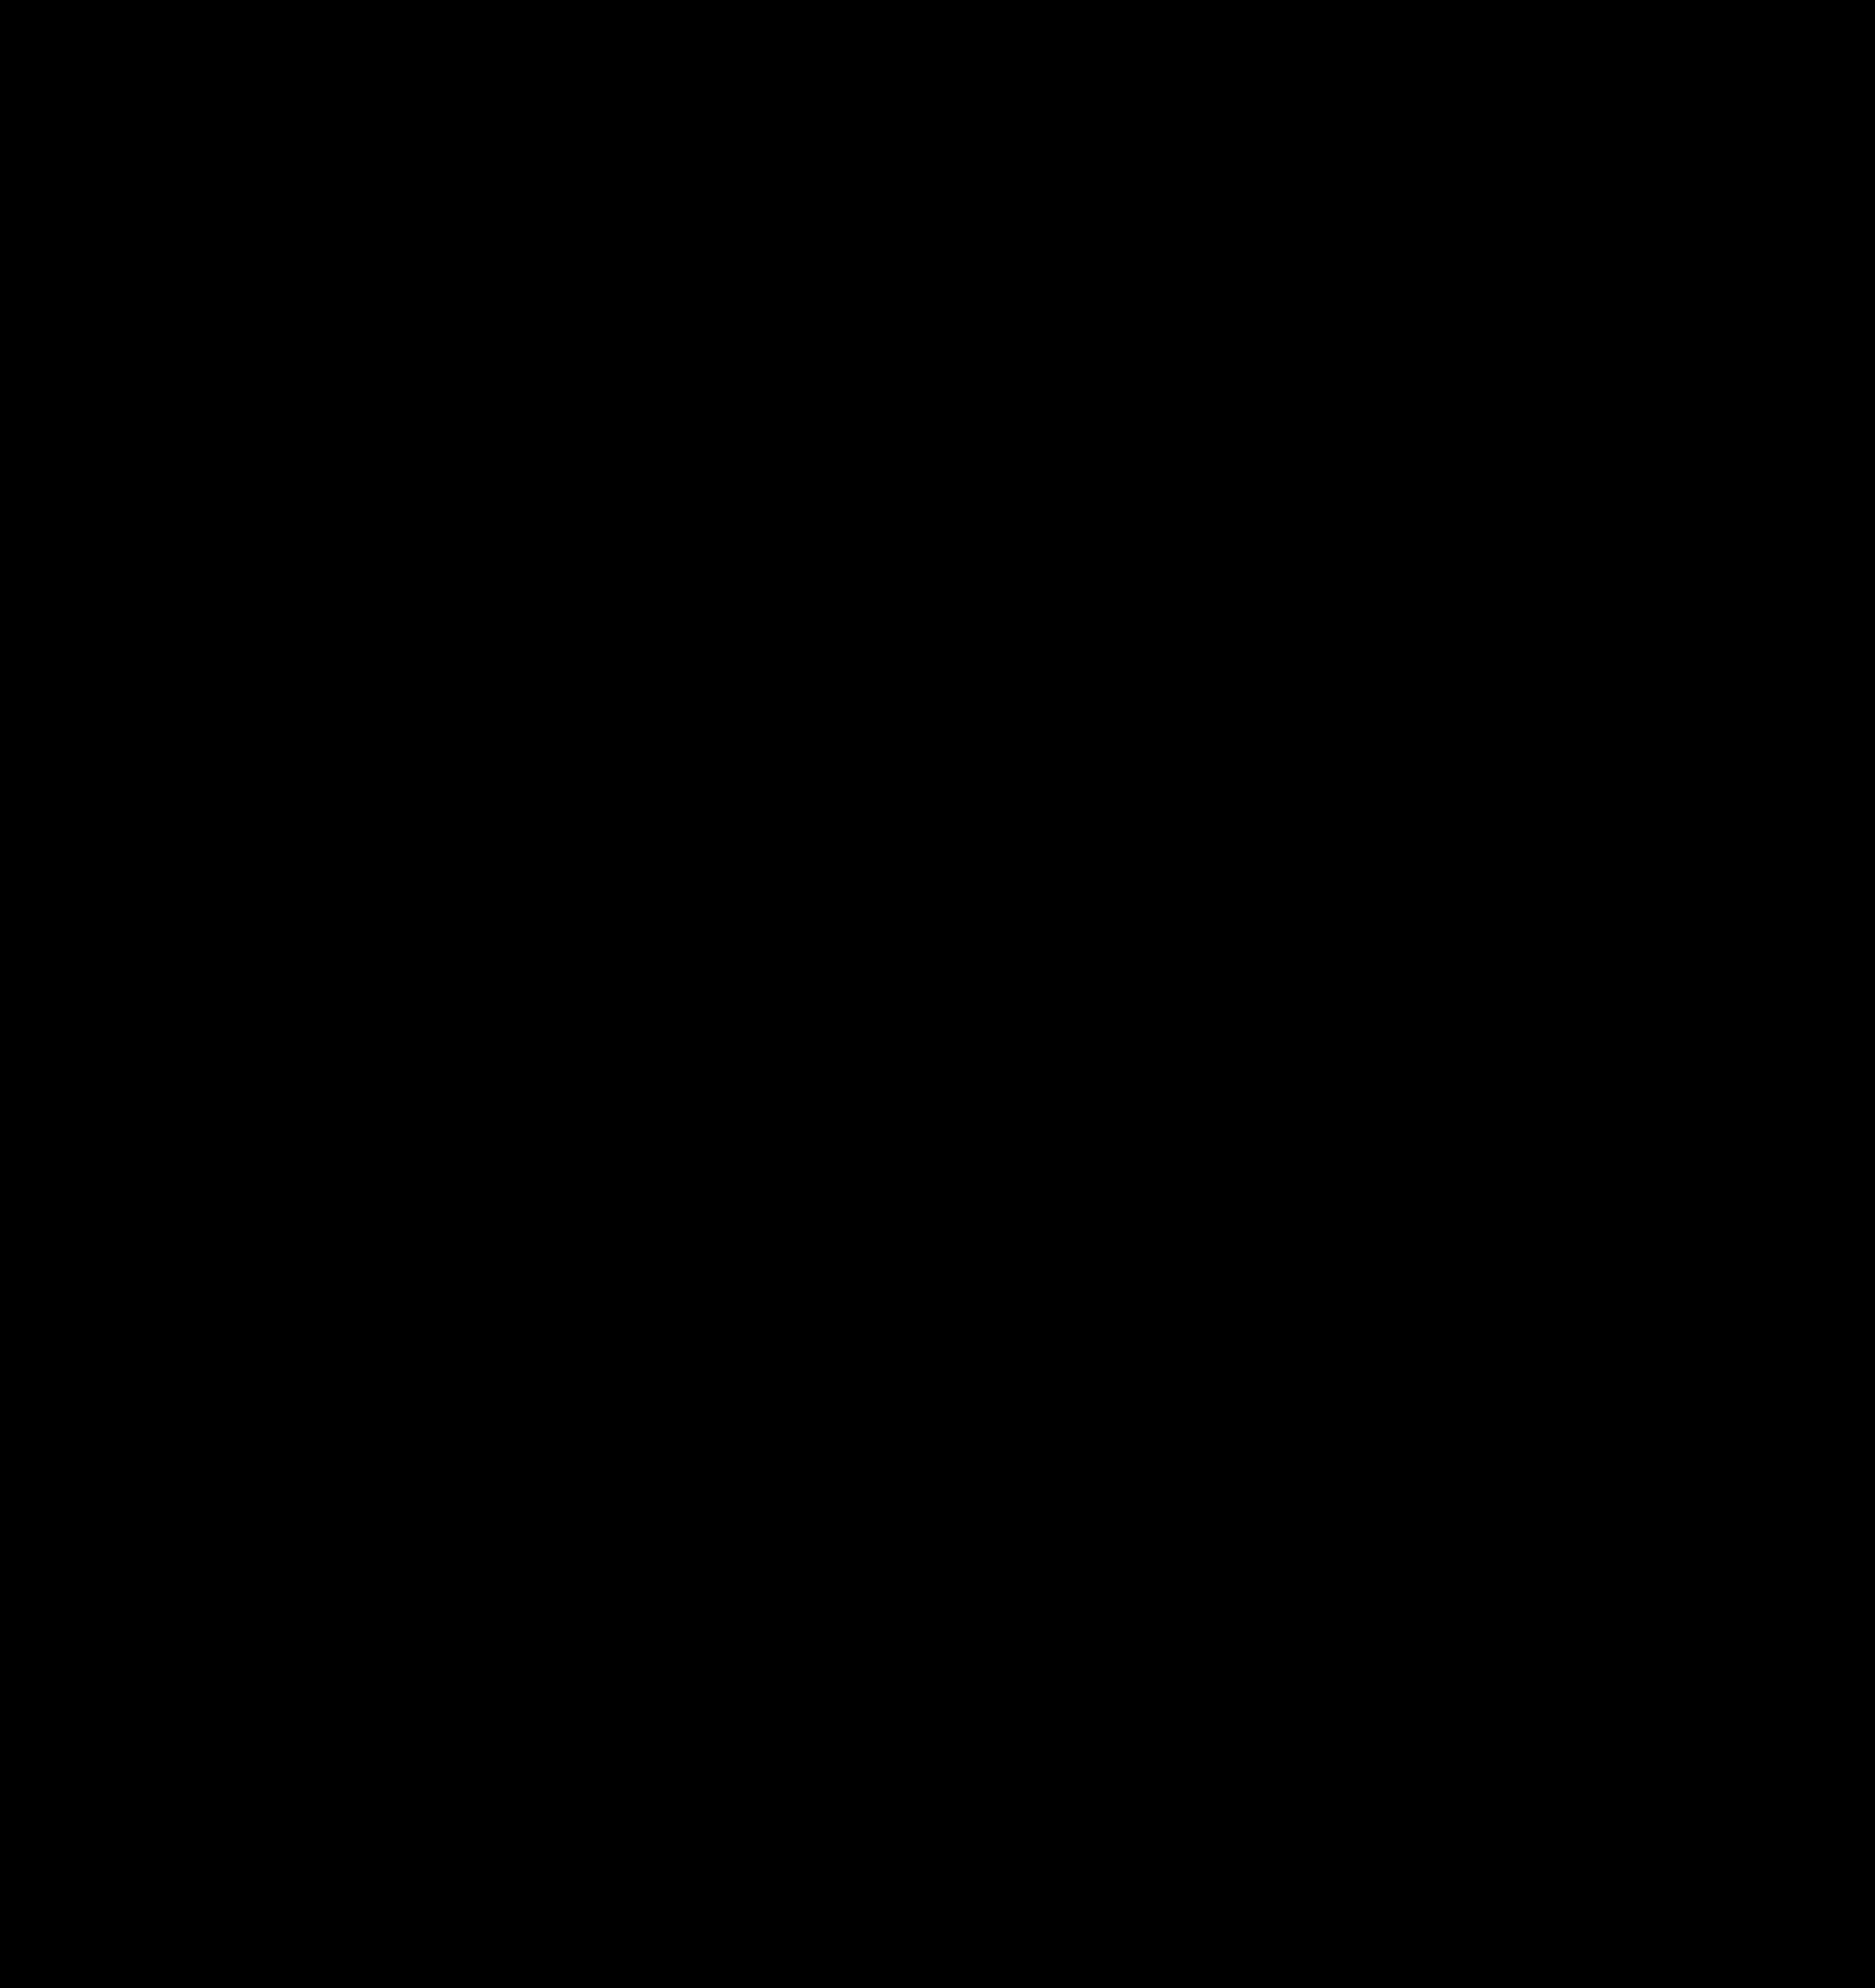 """Разработайте логотип для торговой марки """"Семья довольна"""" фото f_8745b9bacab820fd.png"""